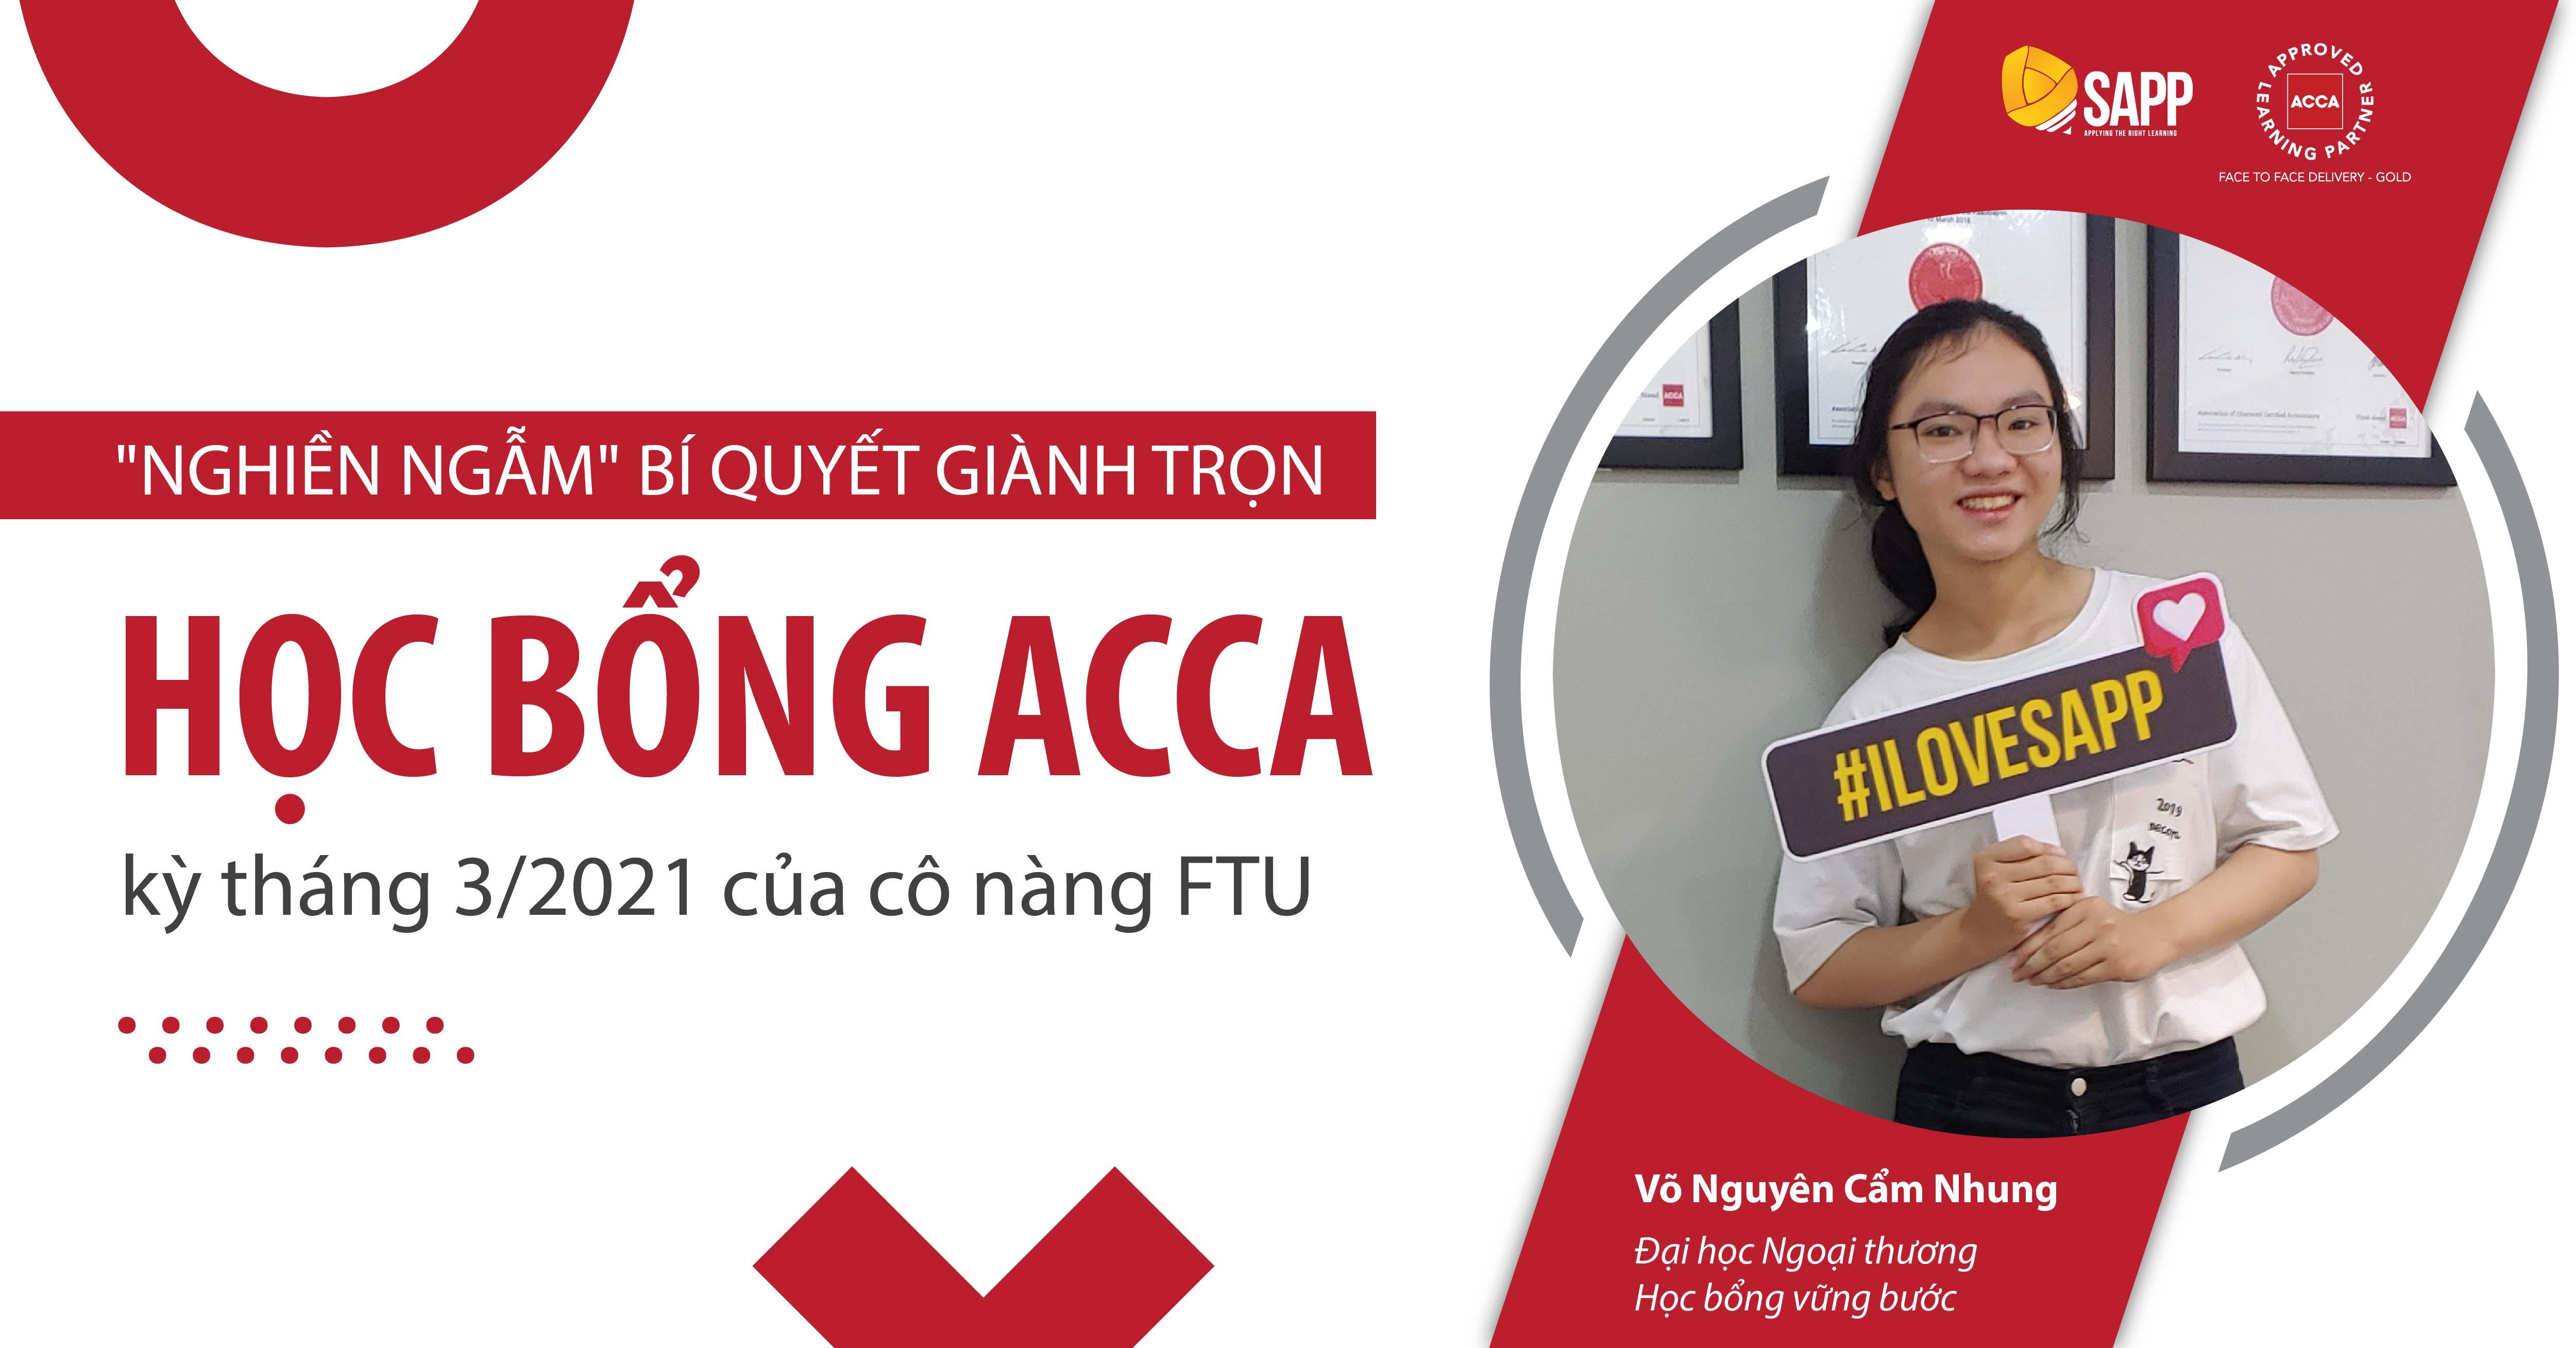 """""""Nghiền ngẫm"""" bí quyết giành trọn học bổng ACCA kỳ tháng 3/2021 của cô nàng FTU"""